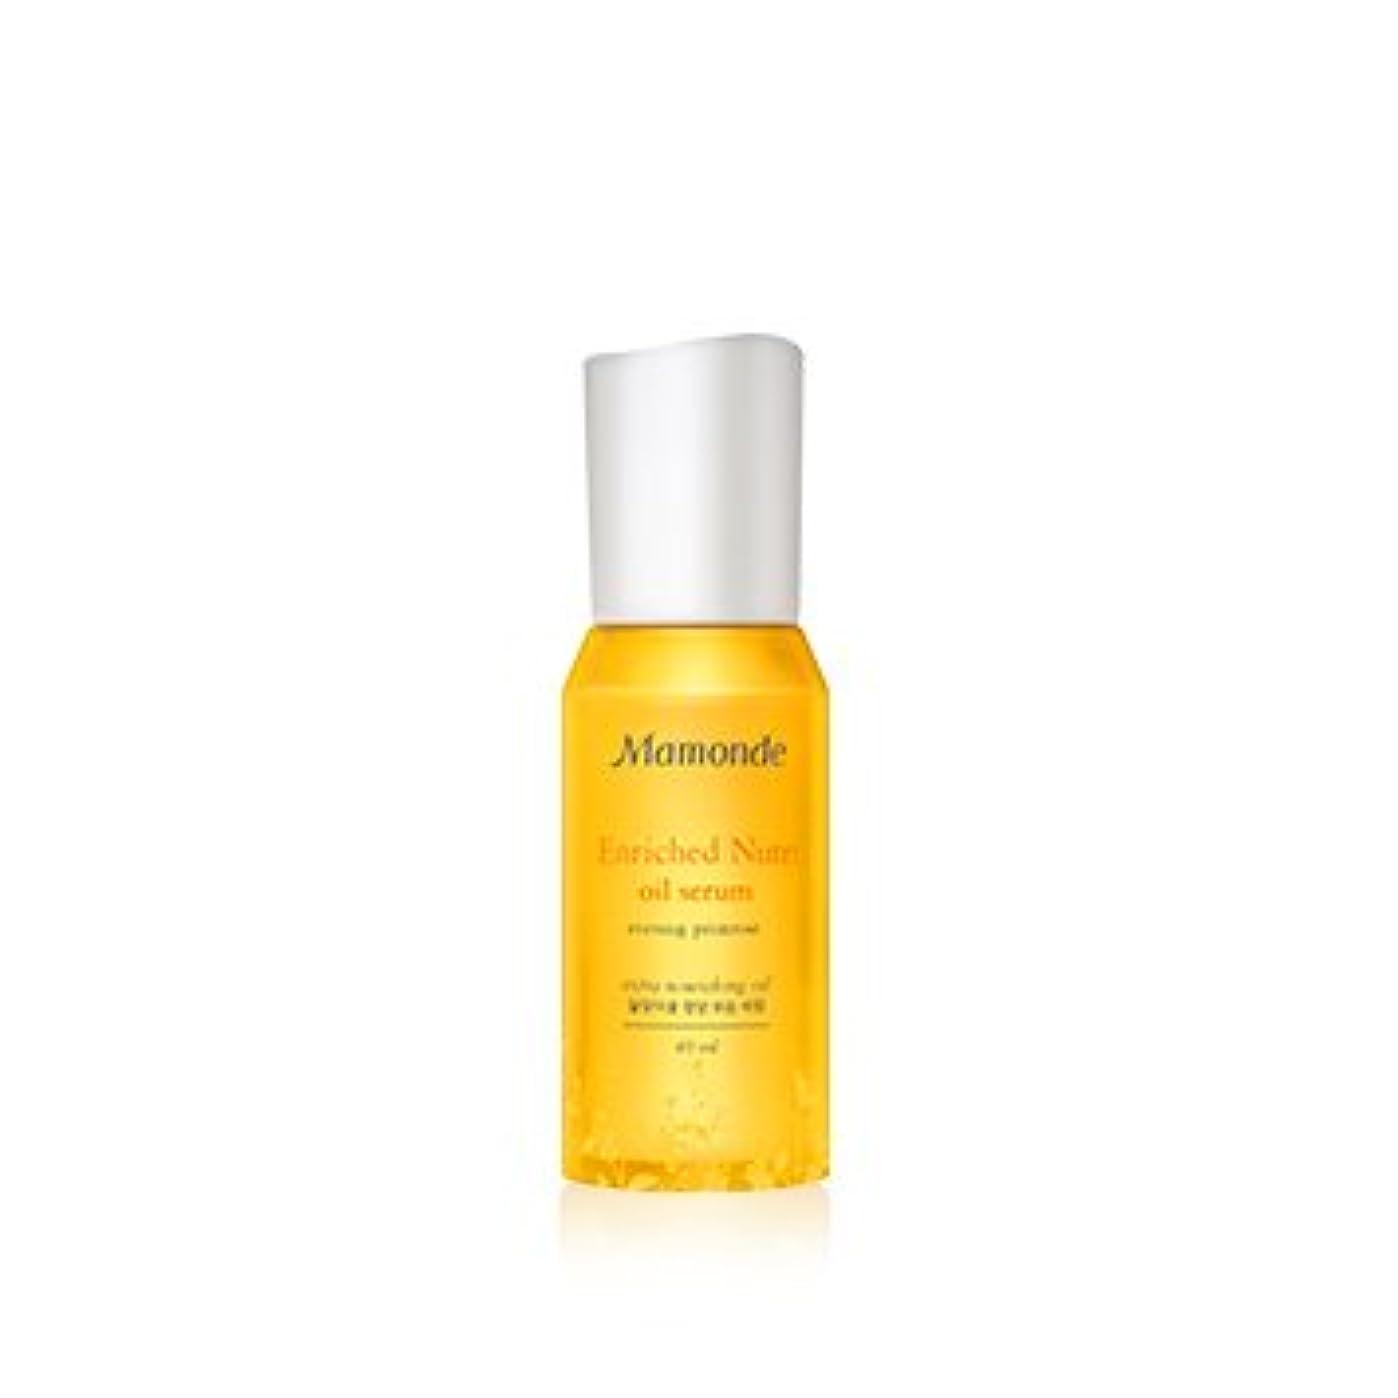 について気候の山愛情[New] Mamonde Enriched Nutri Oil Serum 40ml/マモンド エンリッチド ニュートリ オイル セラム 40ml